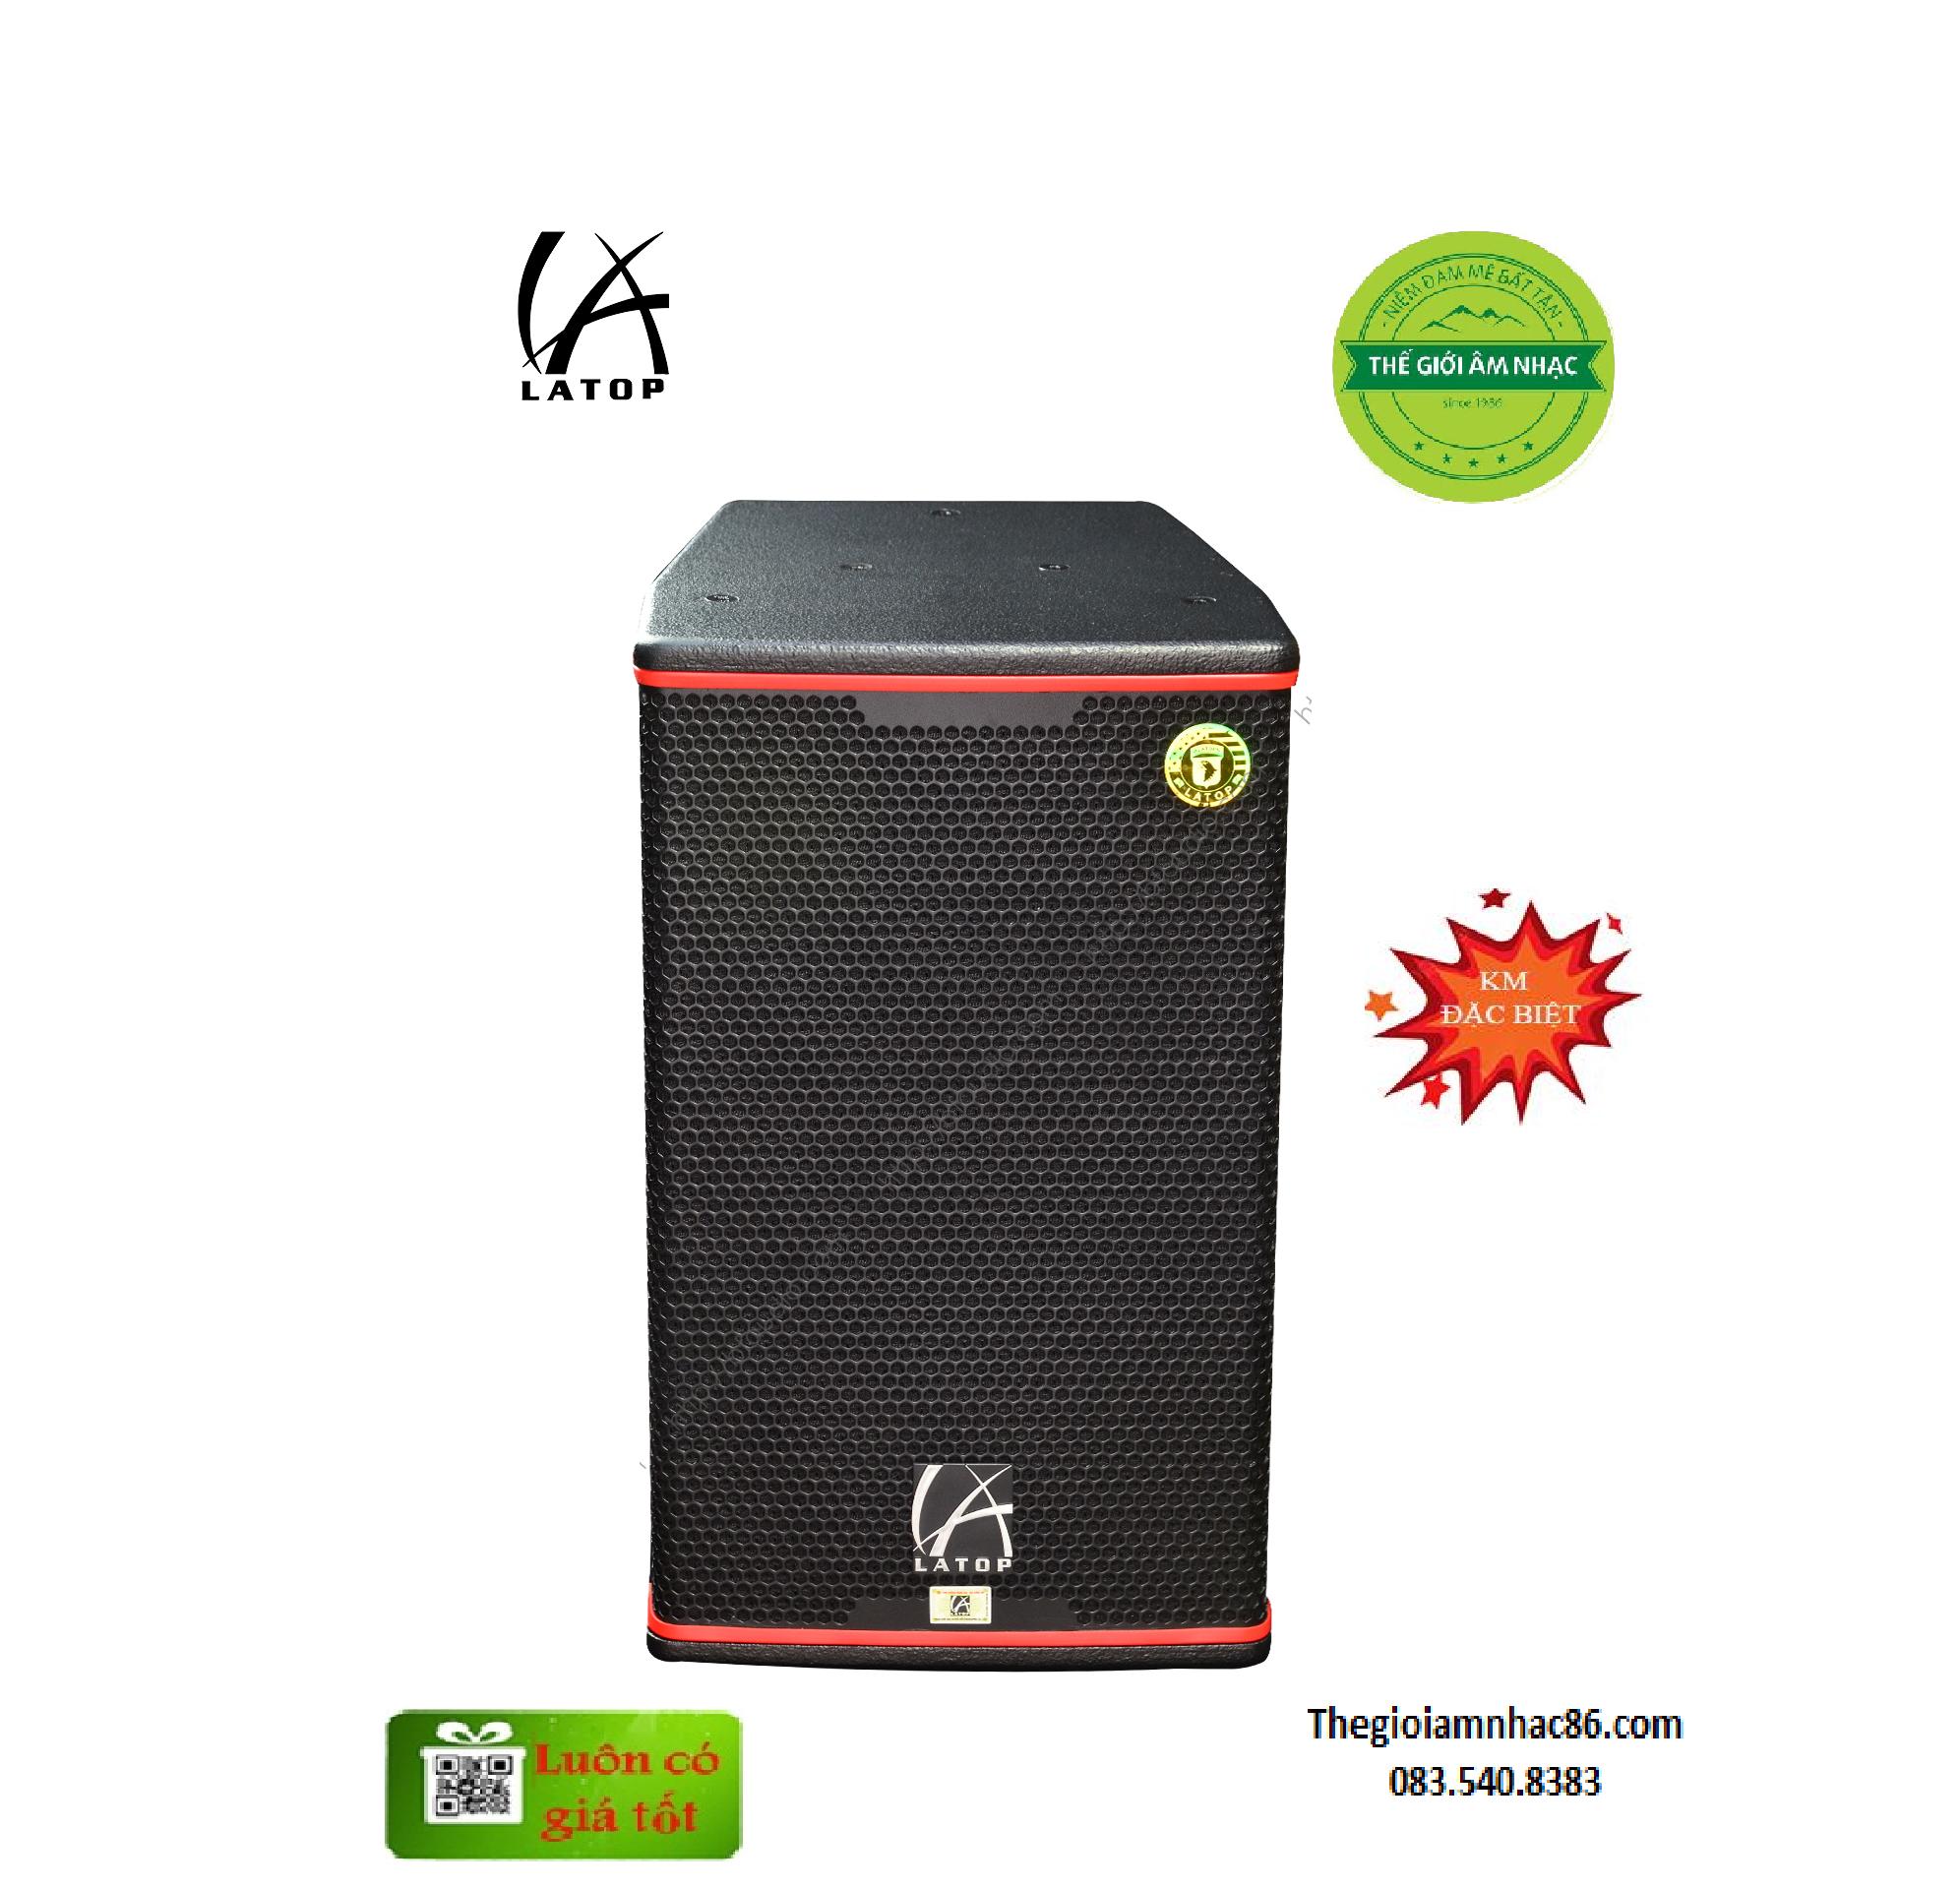 LATOP LV8012 – Loa cao cấp thương hiệu Mỹ